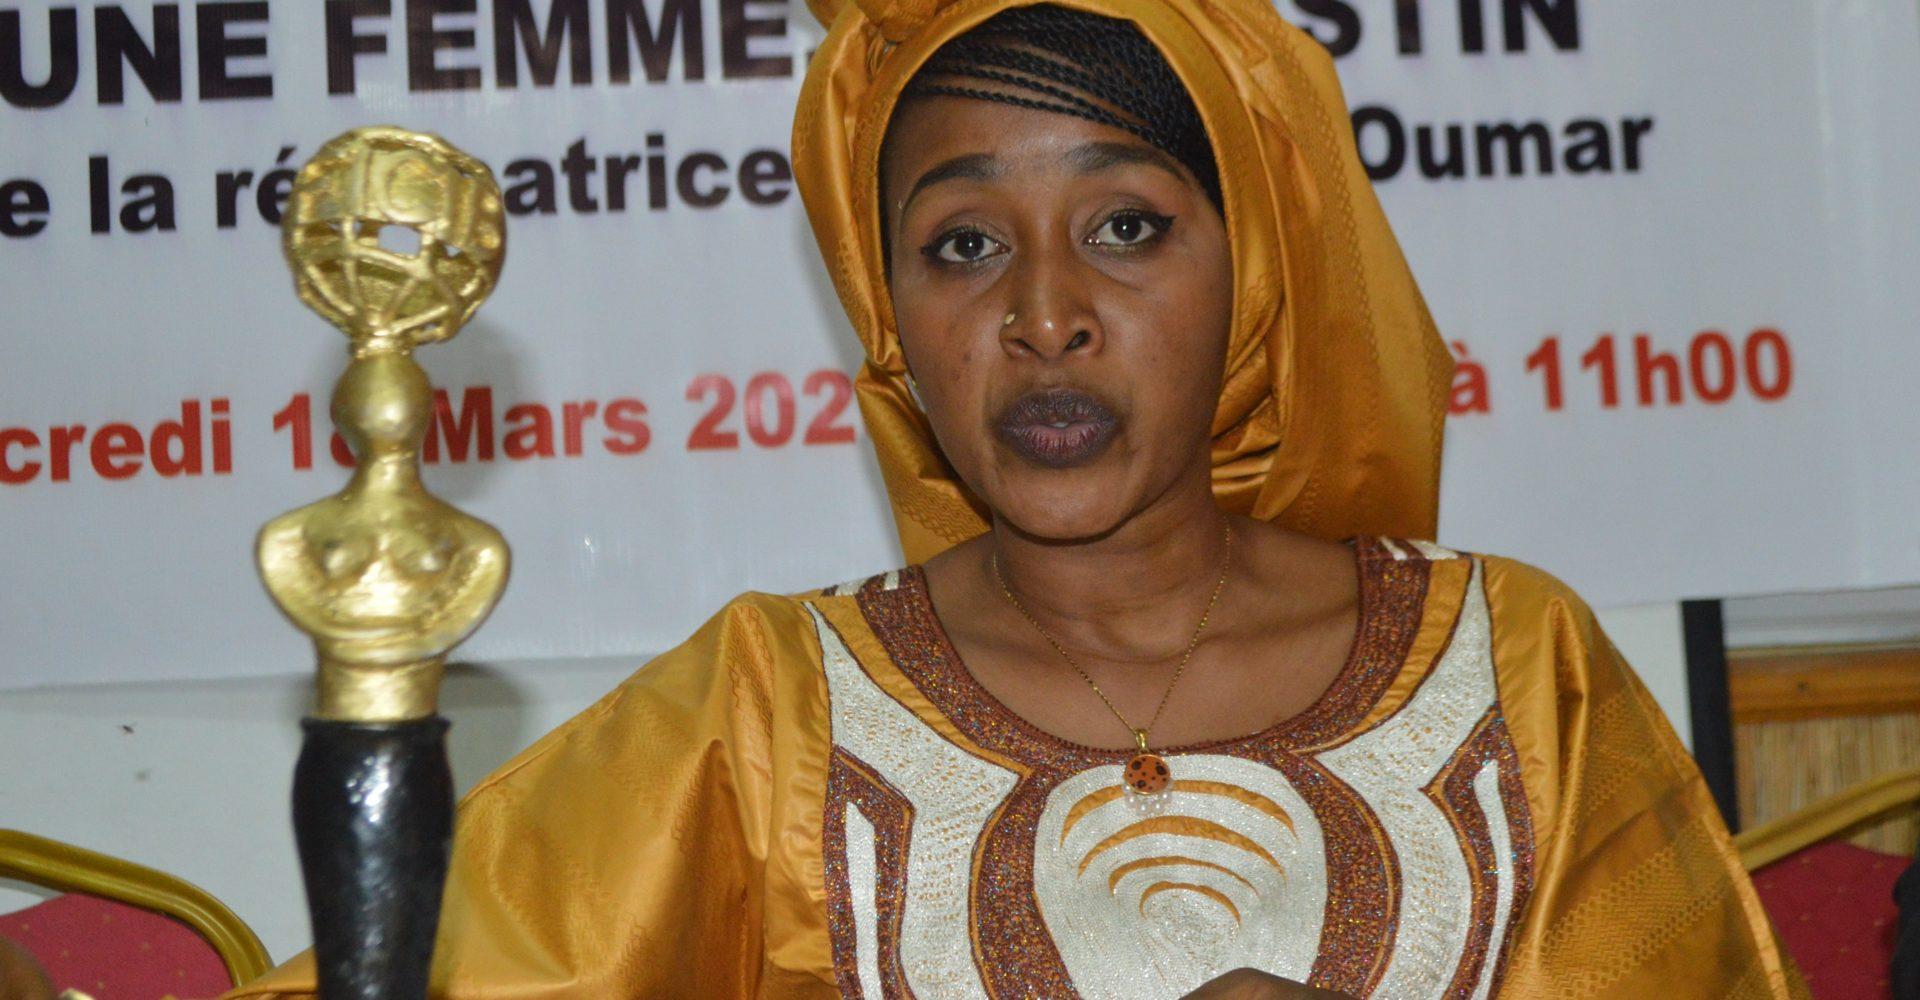 Hanifa Ali Oumar présente sa silhouette d'or 1